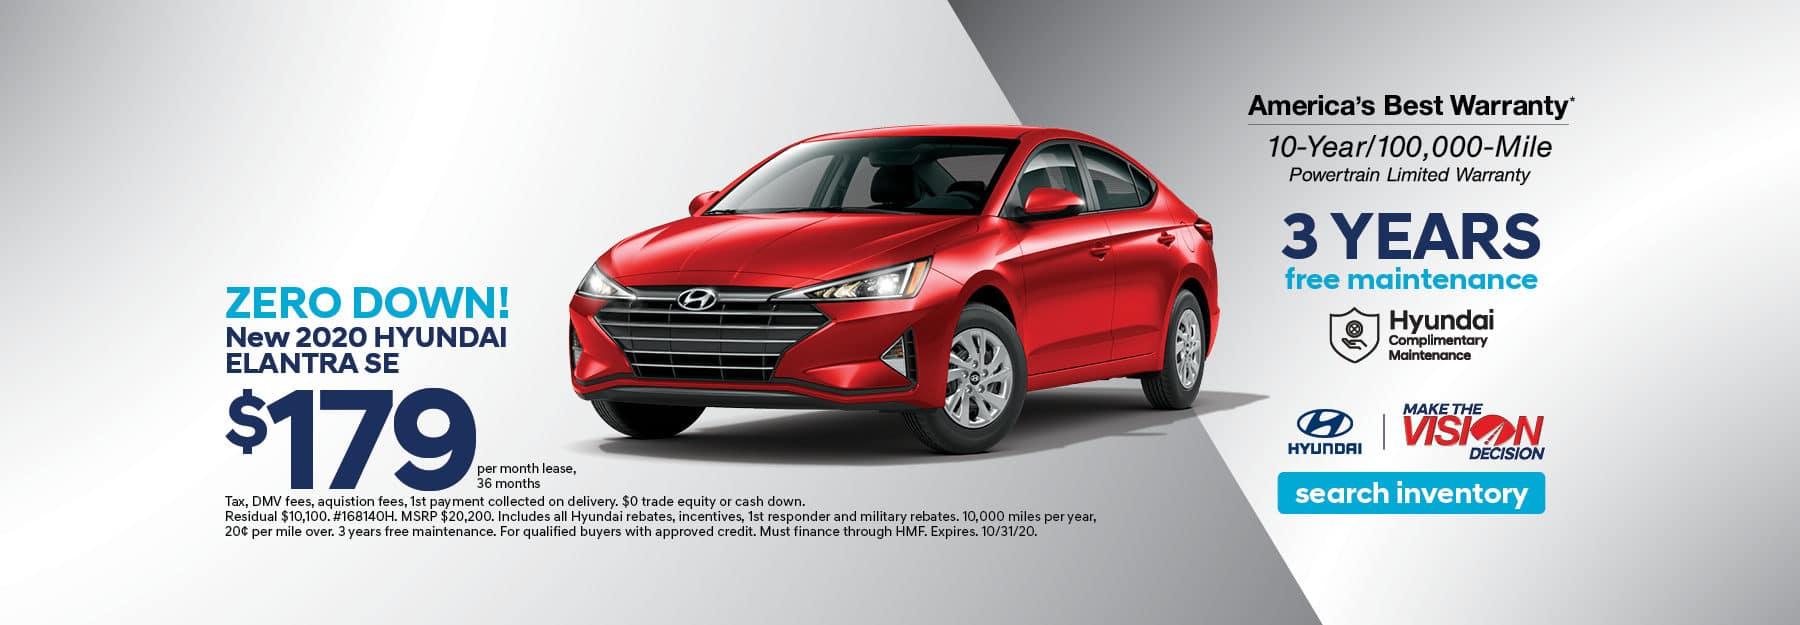 Vision_Hyundai_Sliders-1002-sc